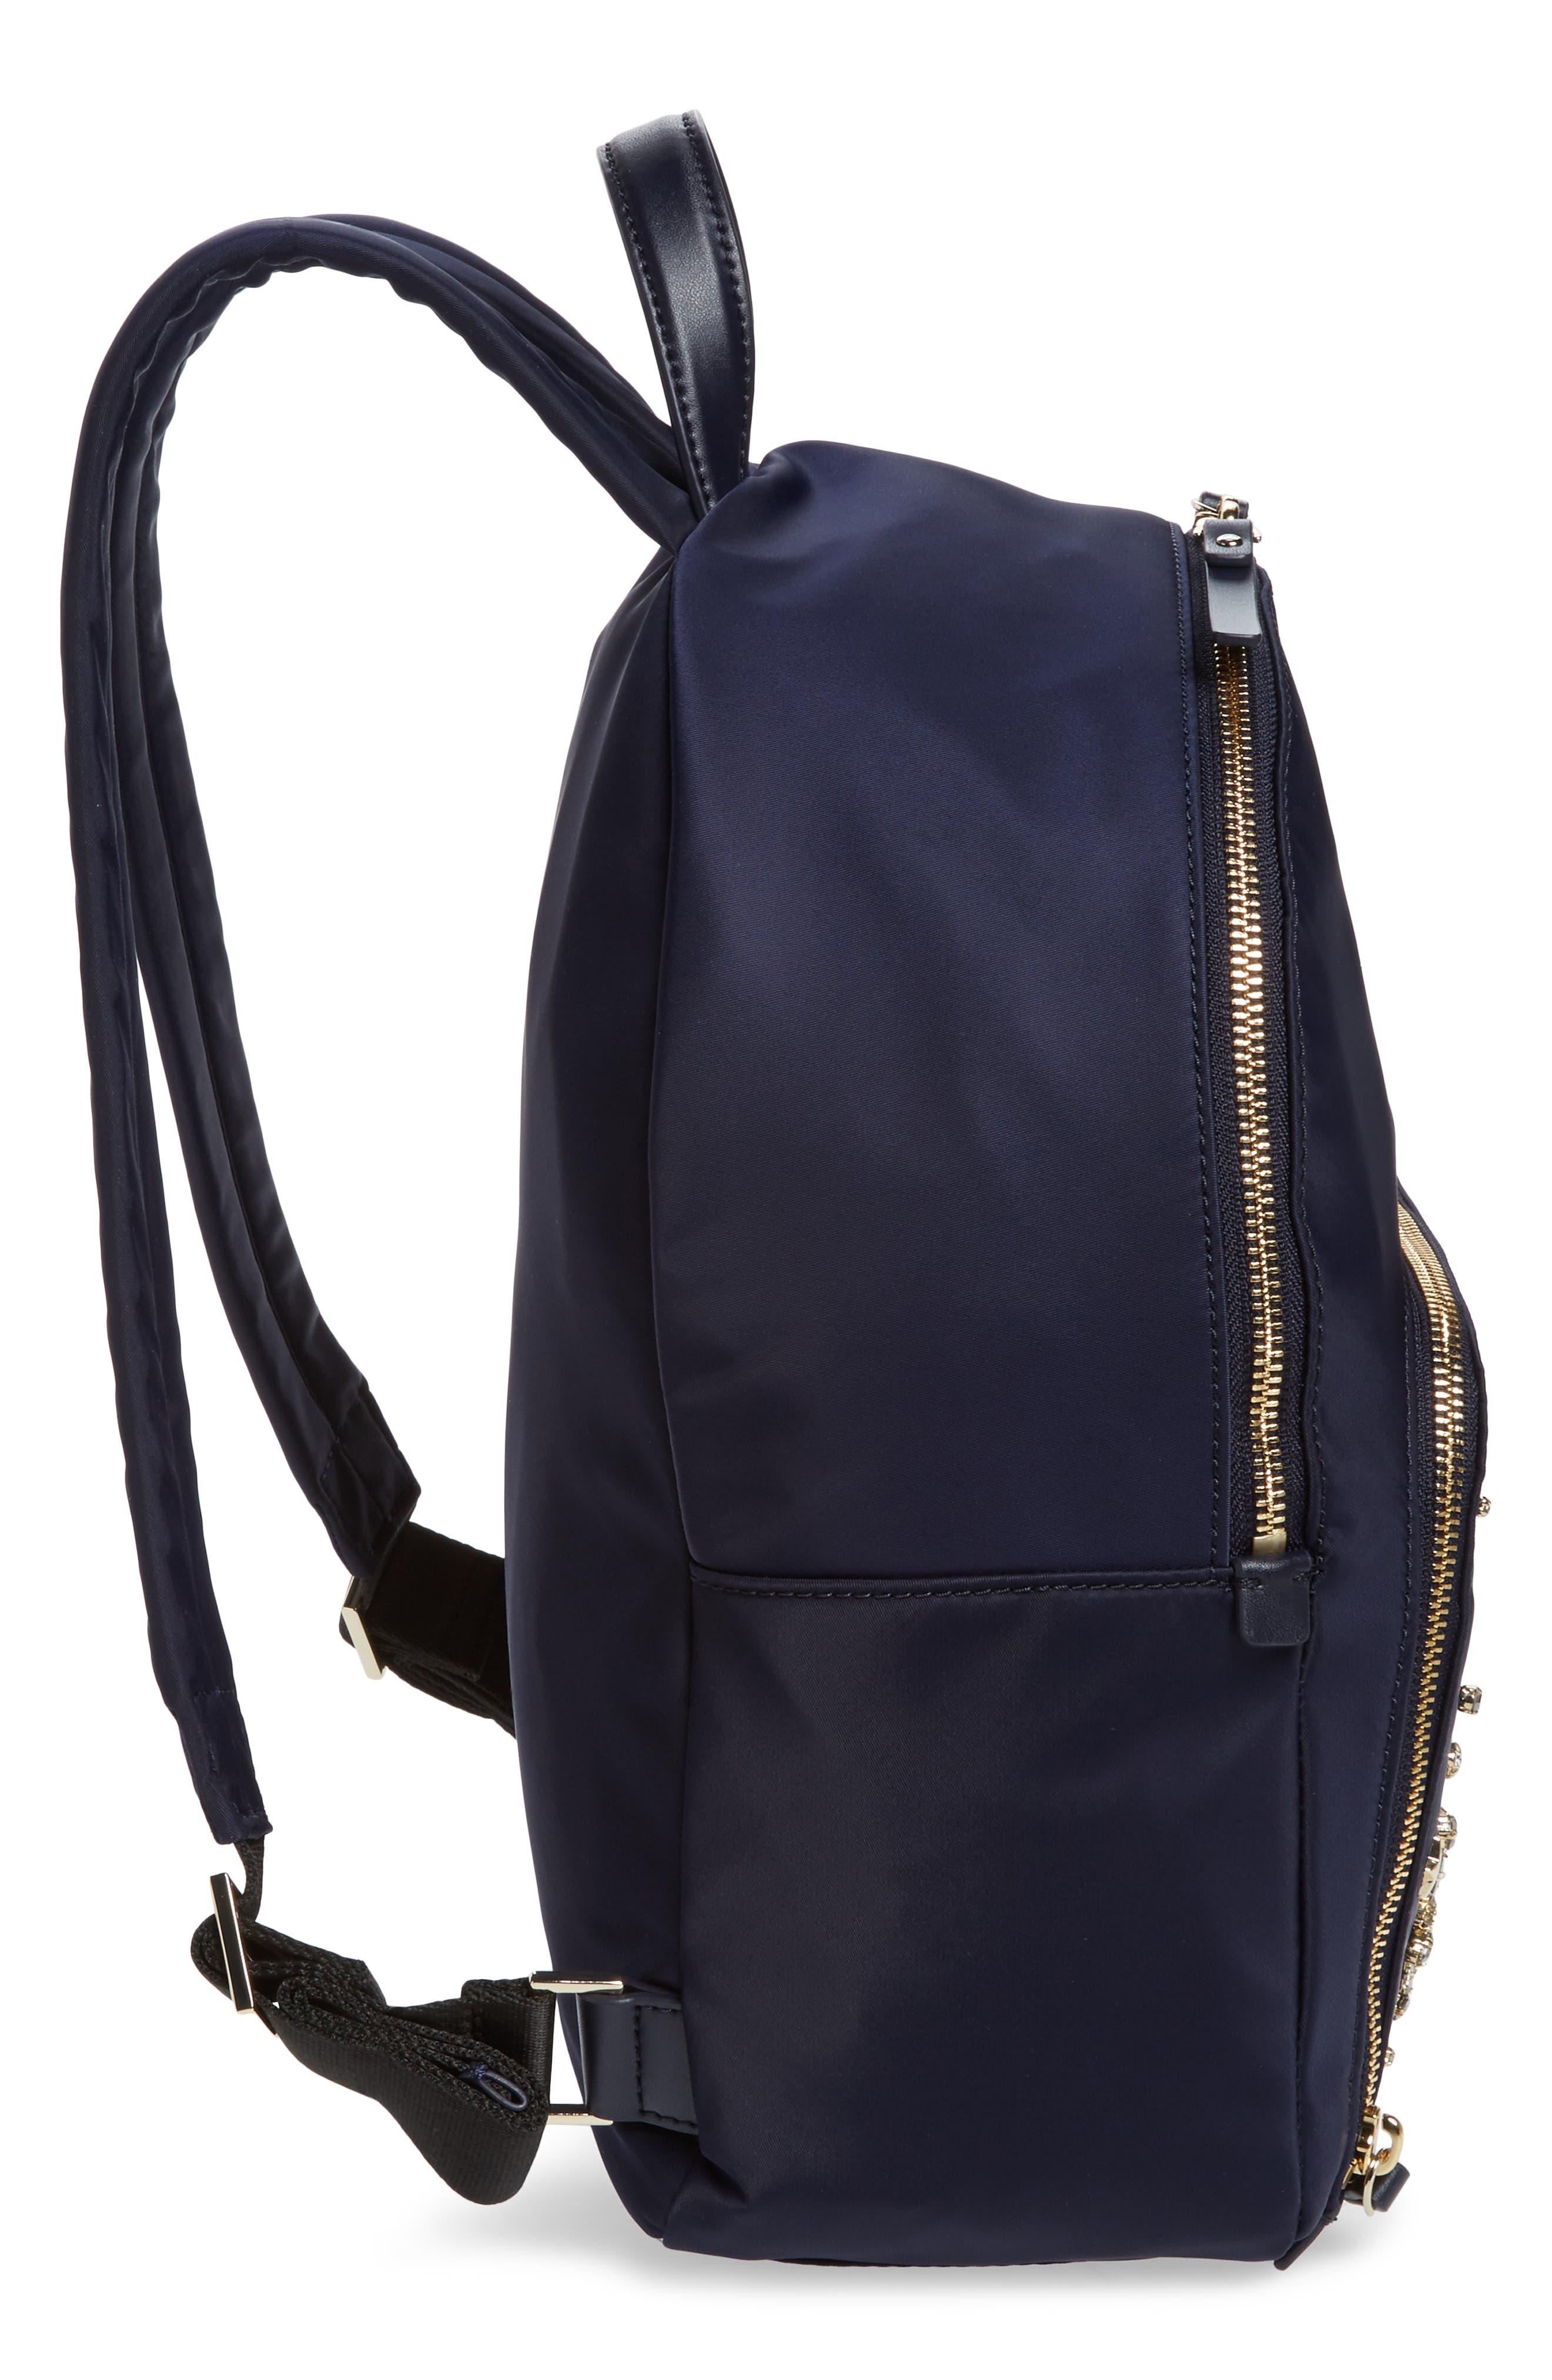 watson lane - hartley embellished nylon backpack,                             Alternate thumbnail 5, color,                             400